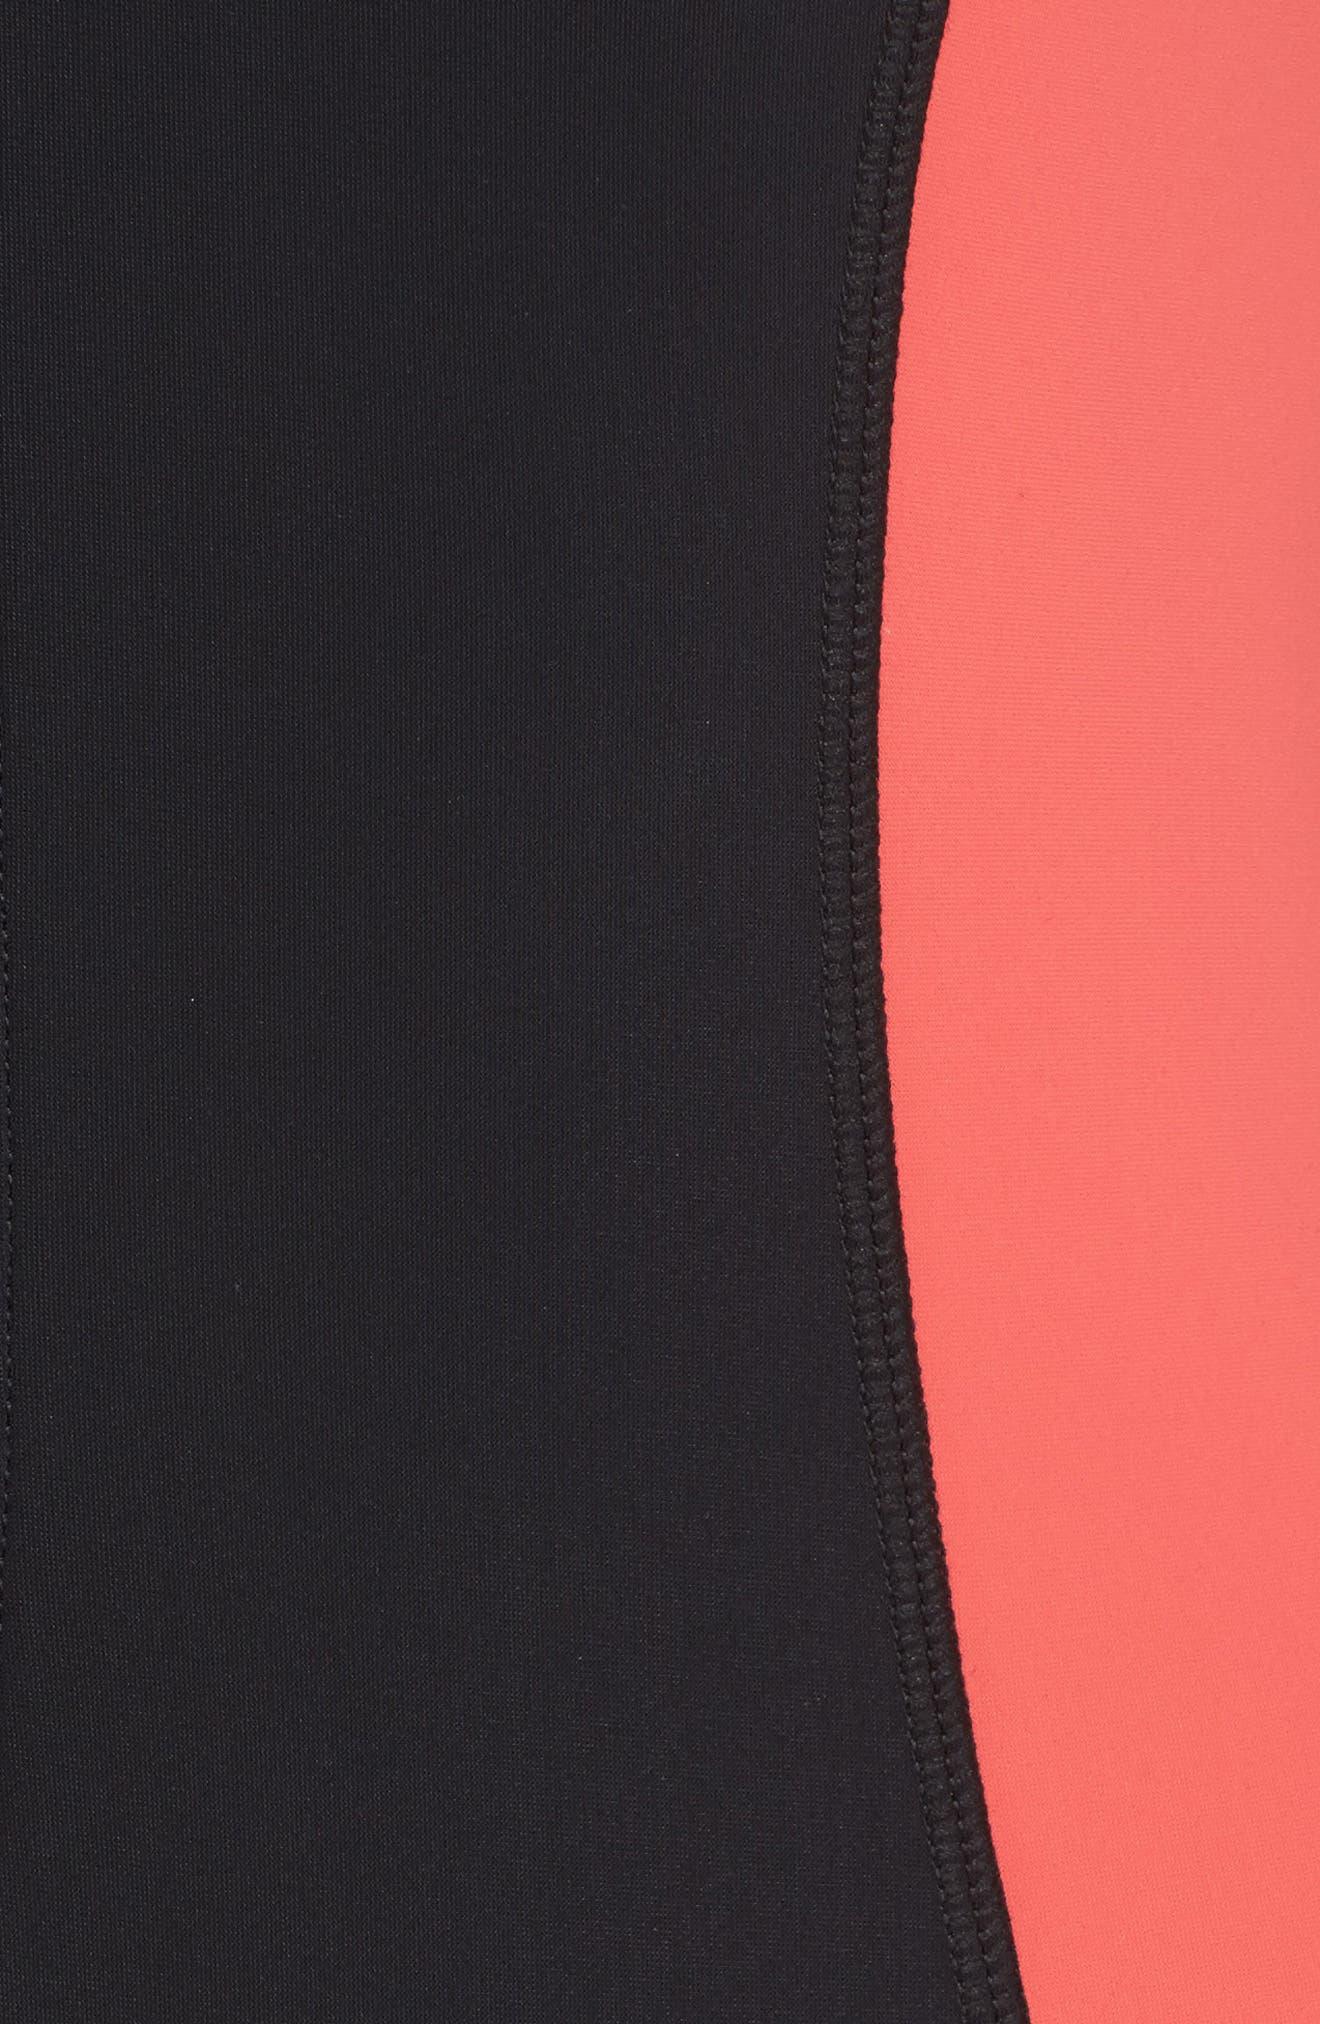 Resist Me Zip Front Surf One-Piece Swimsuit,                             Alternate thumbnail 5, color,                             001